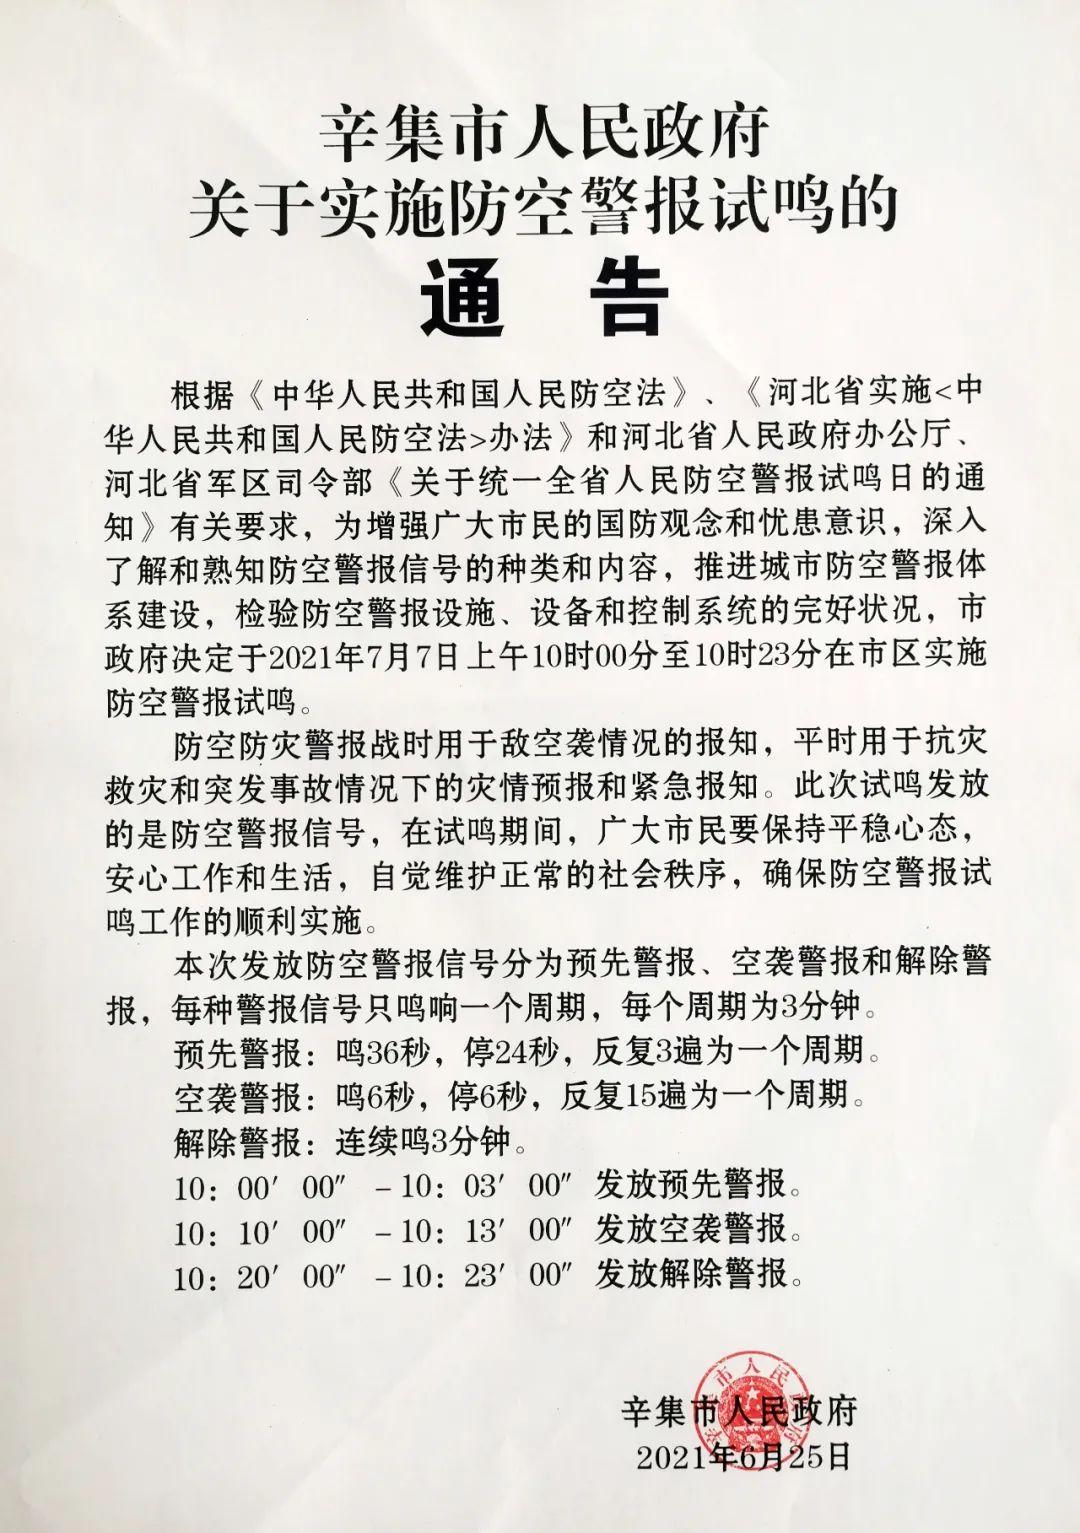 7月7上午10时00分至10时23分辛集市区实施防空警报试鸣请广大居民注意识别警报信号